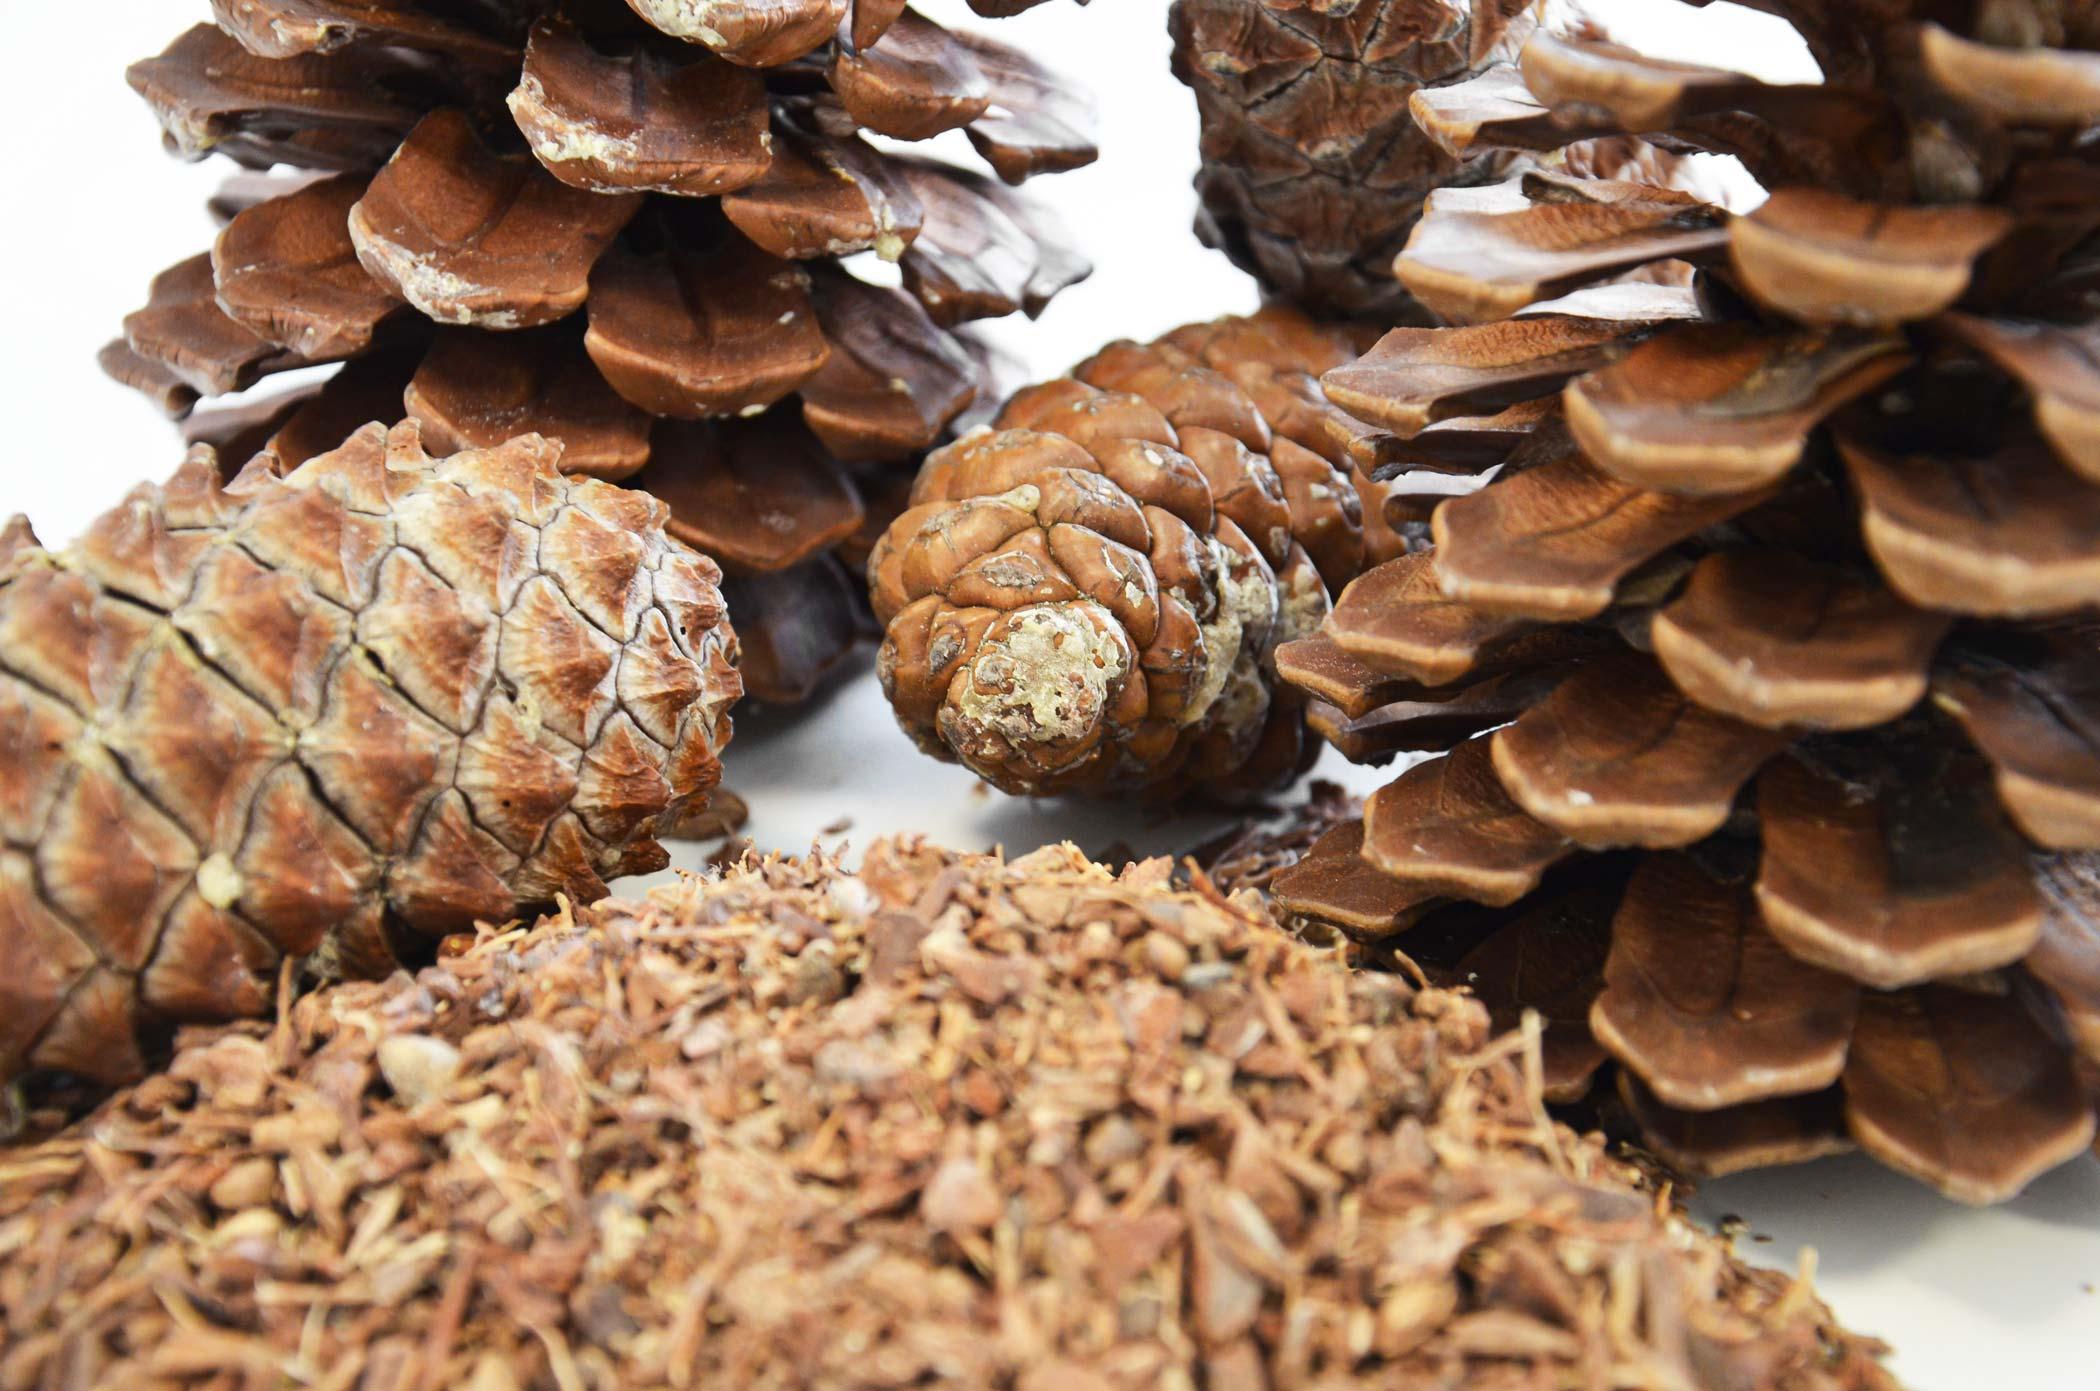 Pine cones before briquetting